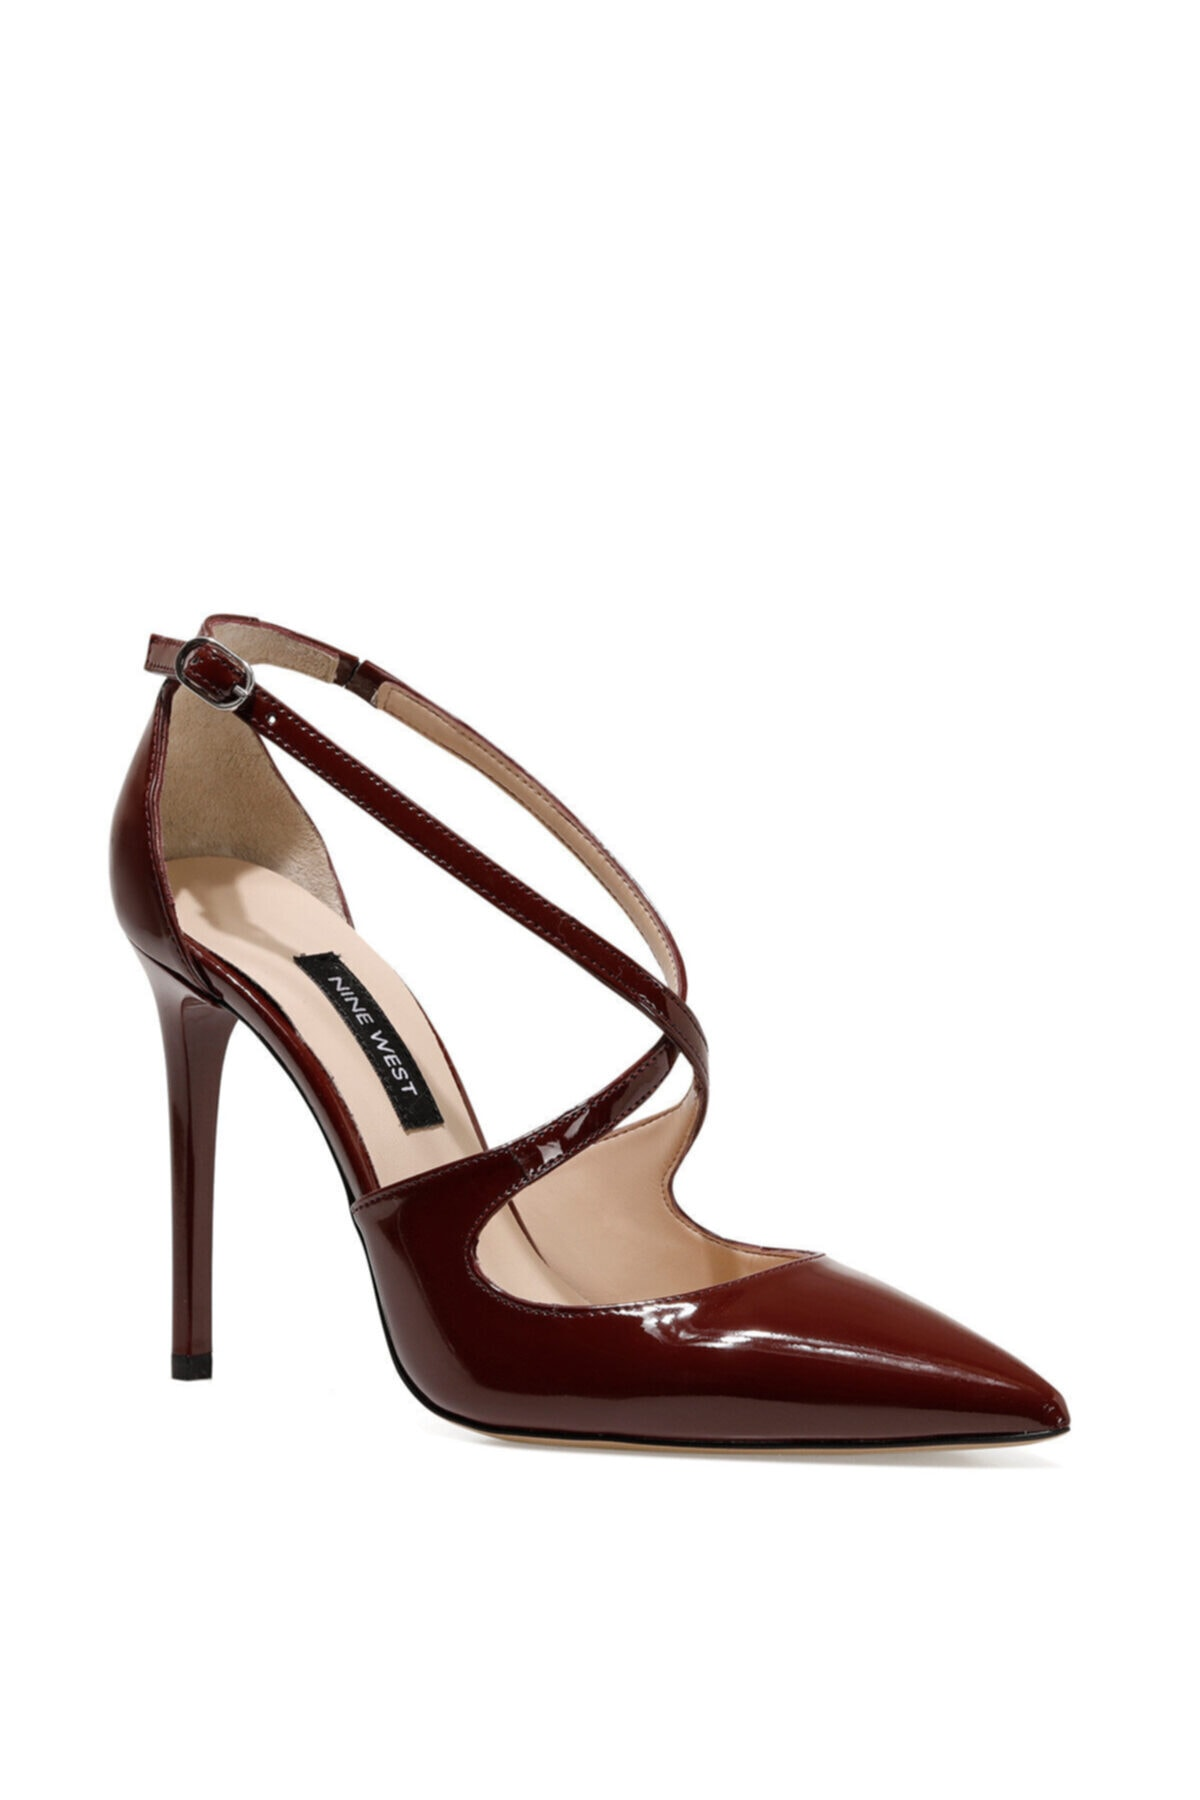 Nine West STEFANIA Koyu Kırmızı Kadın Topuklu Ayakkabı 100582129 2